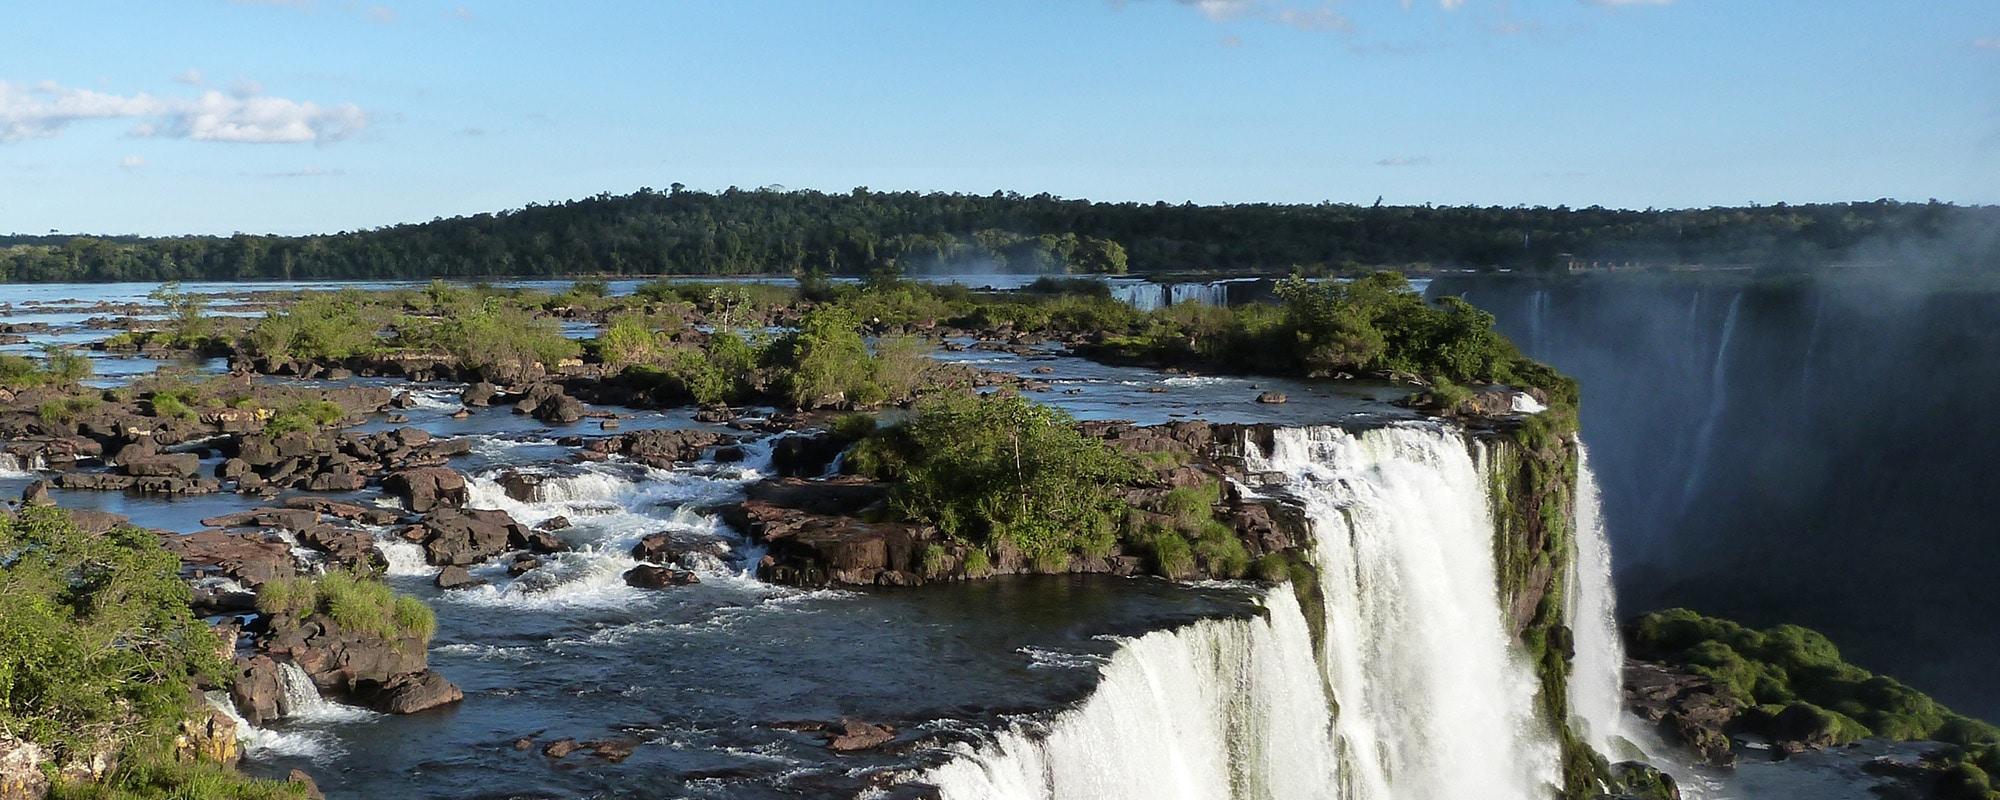 Vacances personnes mobilite reduite Amérique Latine chutes Iguazu Argentine Bresil pmr